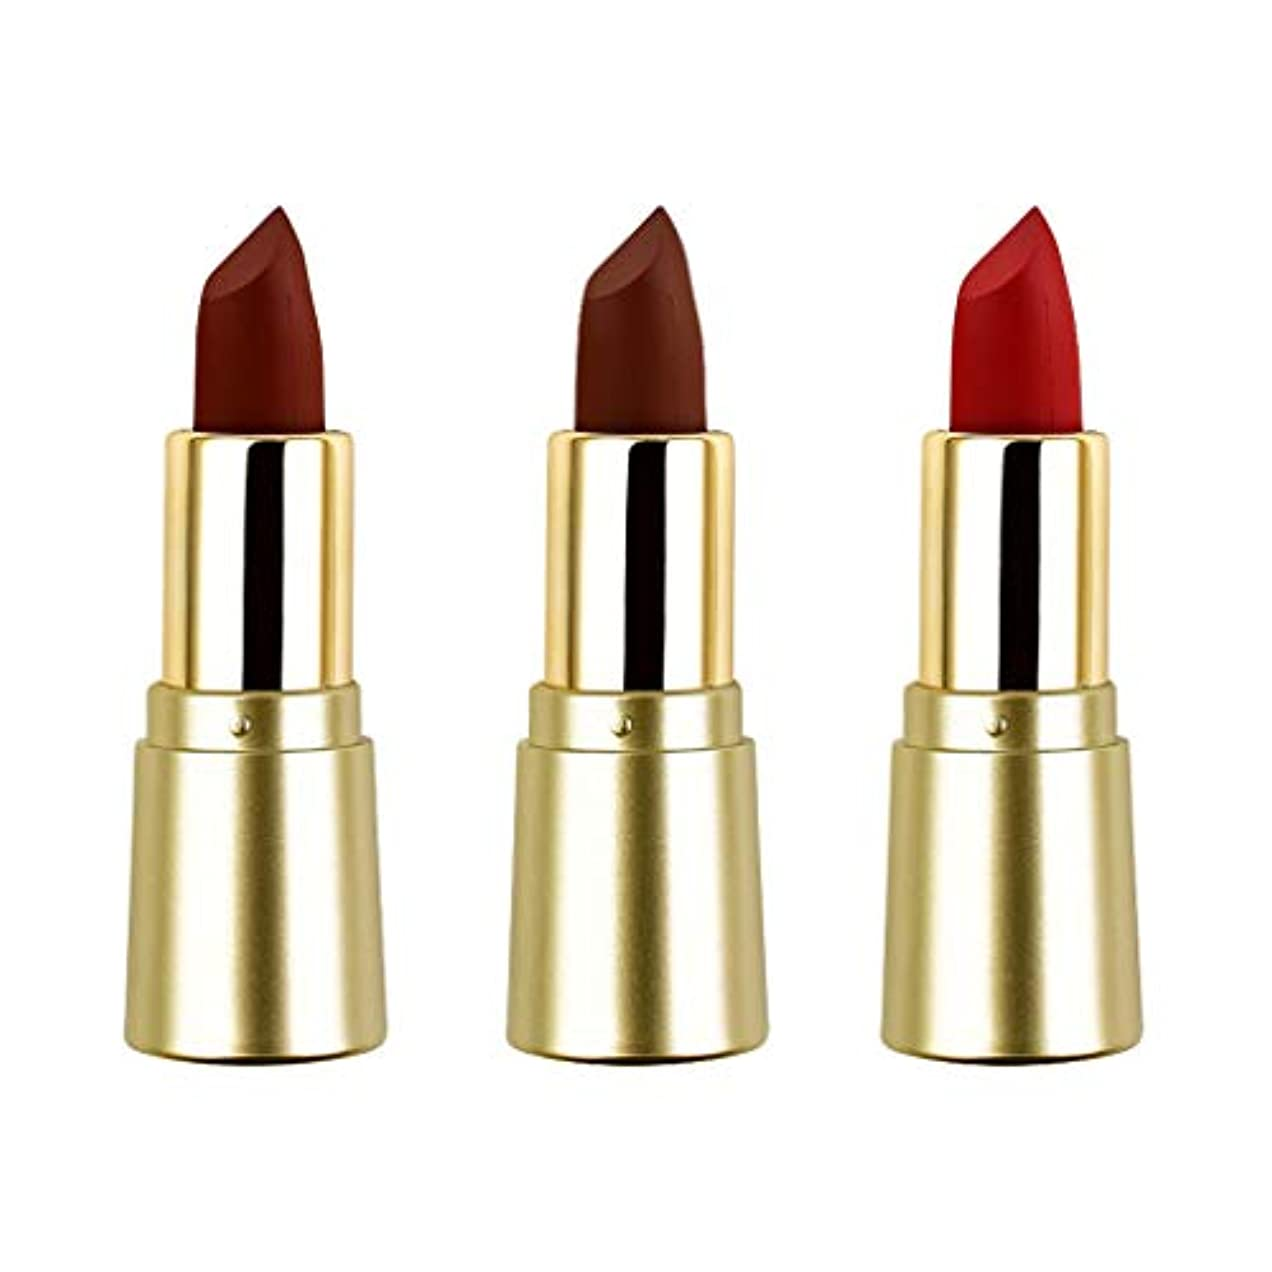 純度導出任命するT TOOYFUL リップスティック ミニマット 口紅セット かわいい 長持ち色 防水 化粧品 メイクアップ 3色セット